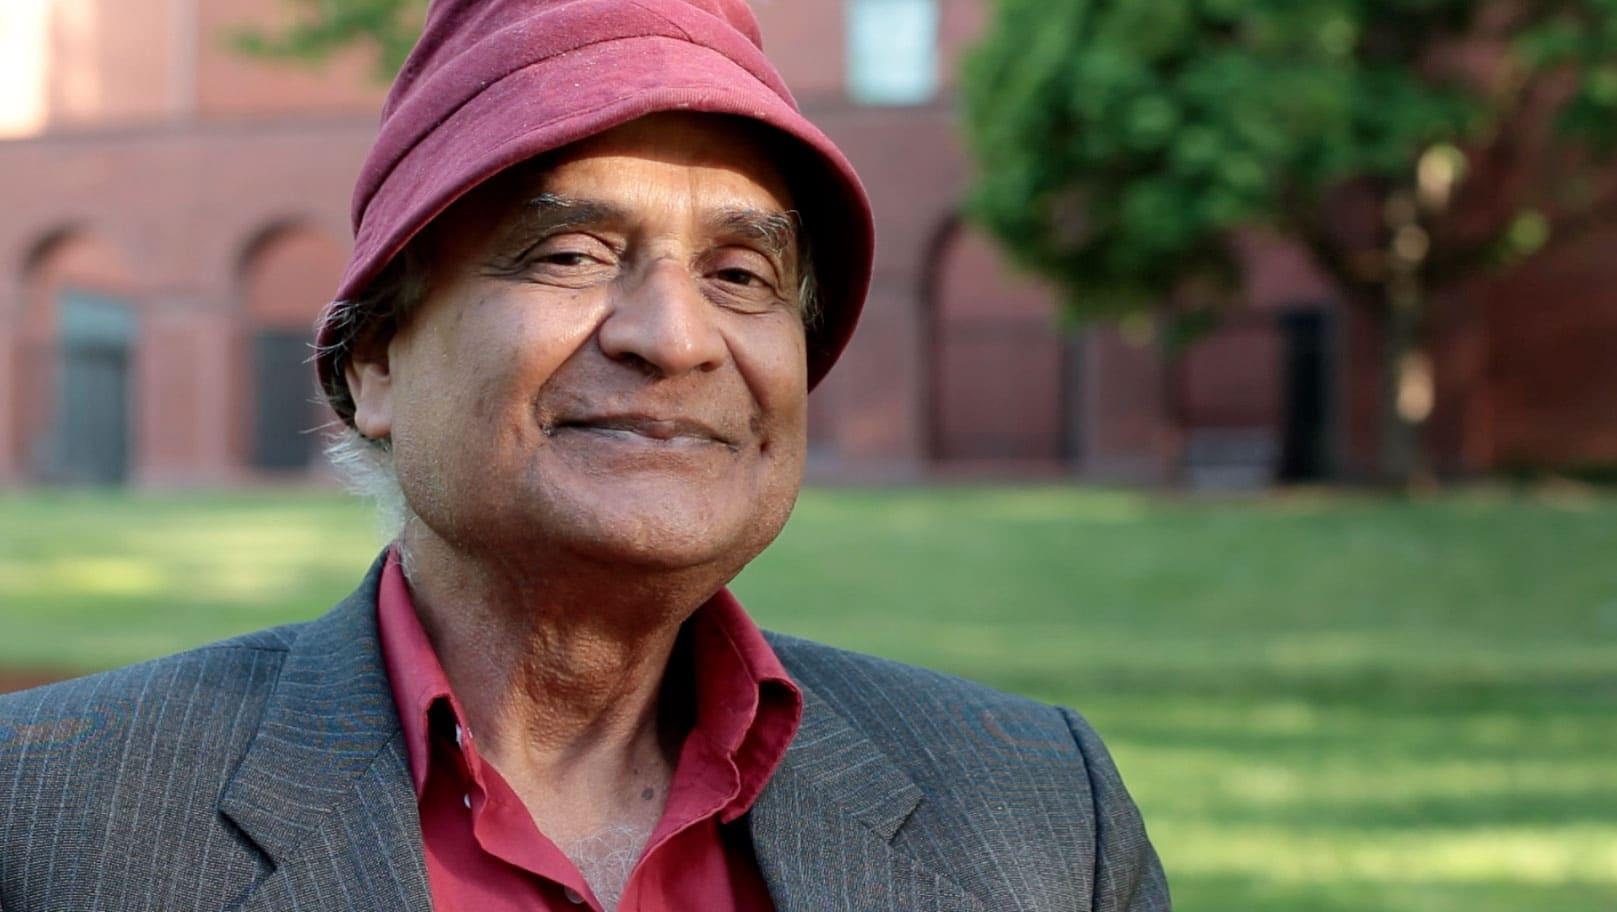 Amit Goswami sorrindo em frente ao jardim de uma universidade, vestindo camisa e chapéu vinhos, além de um terno preto.